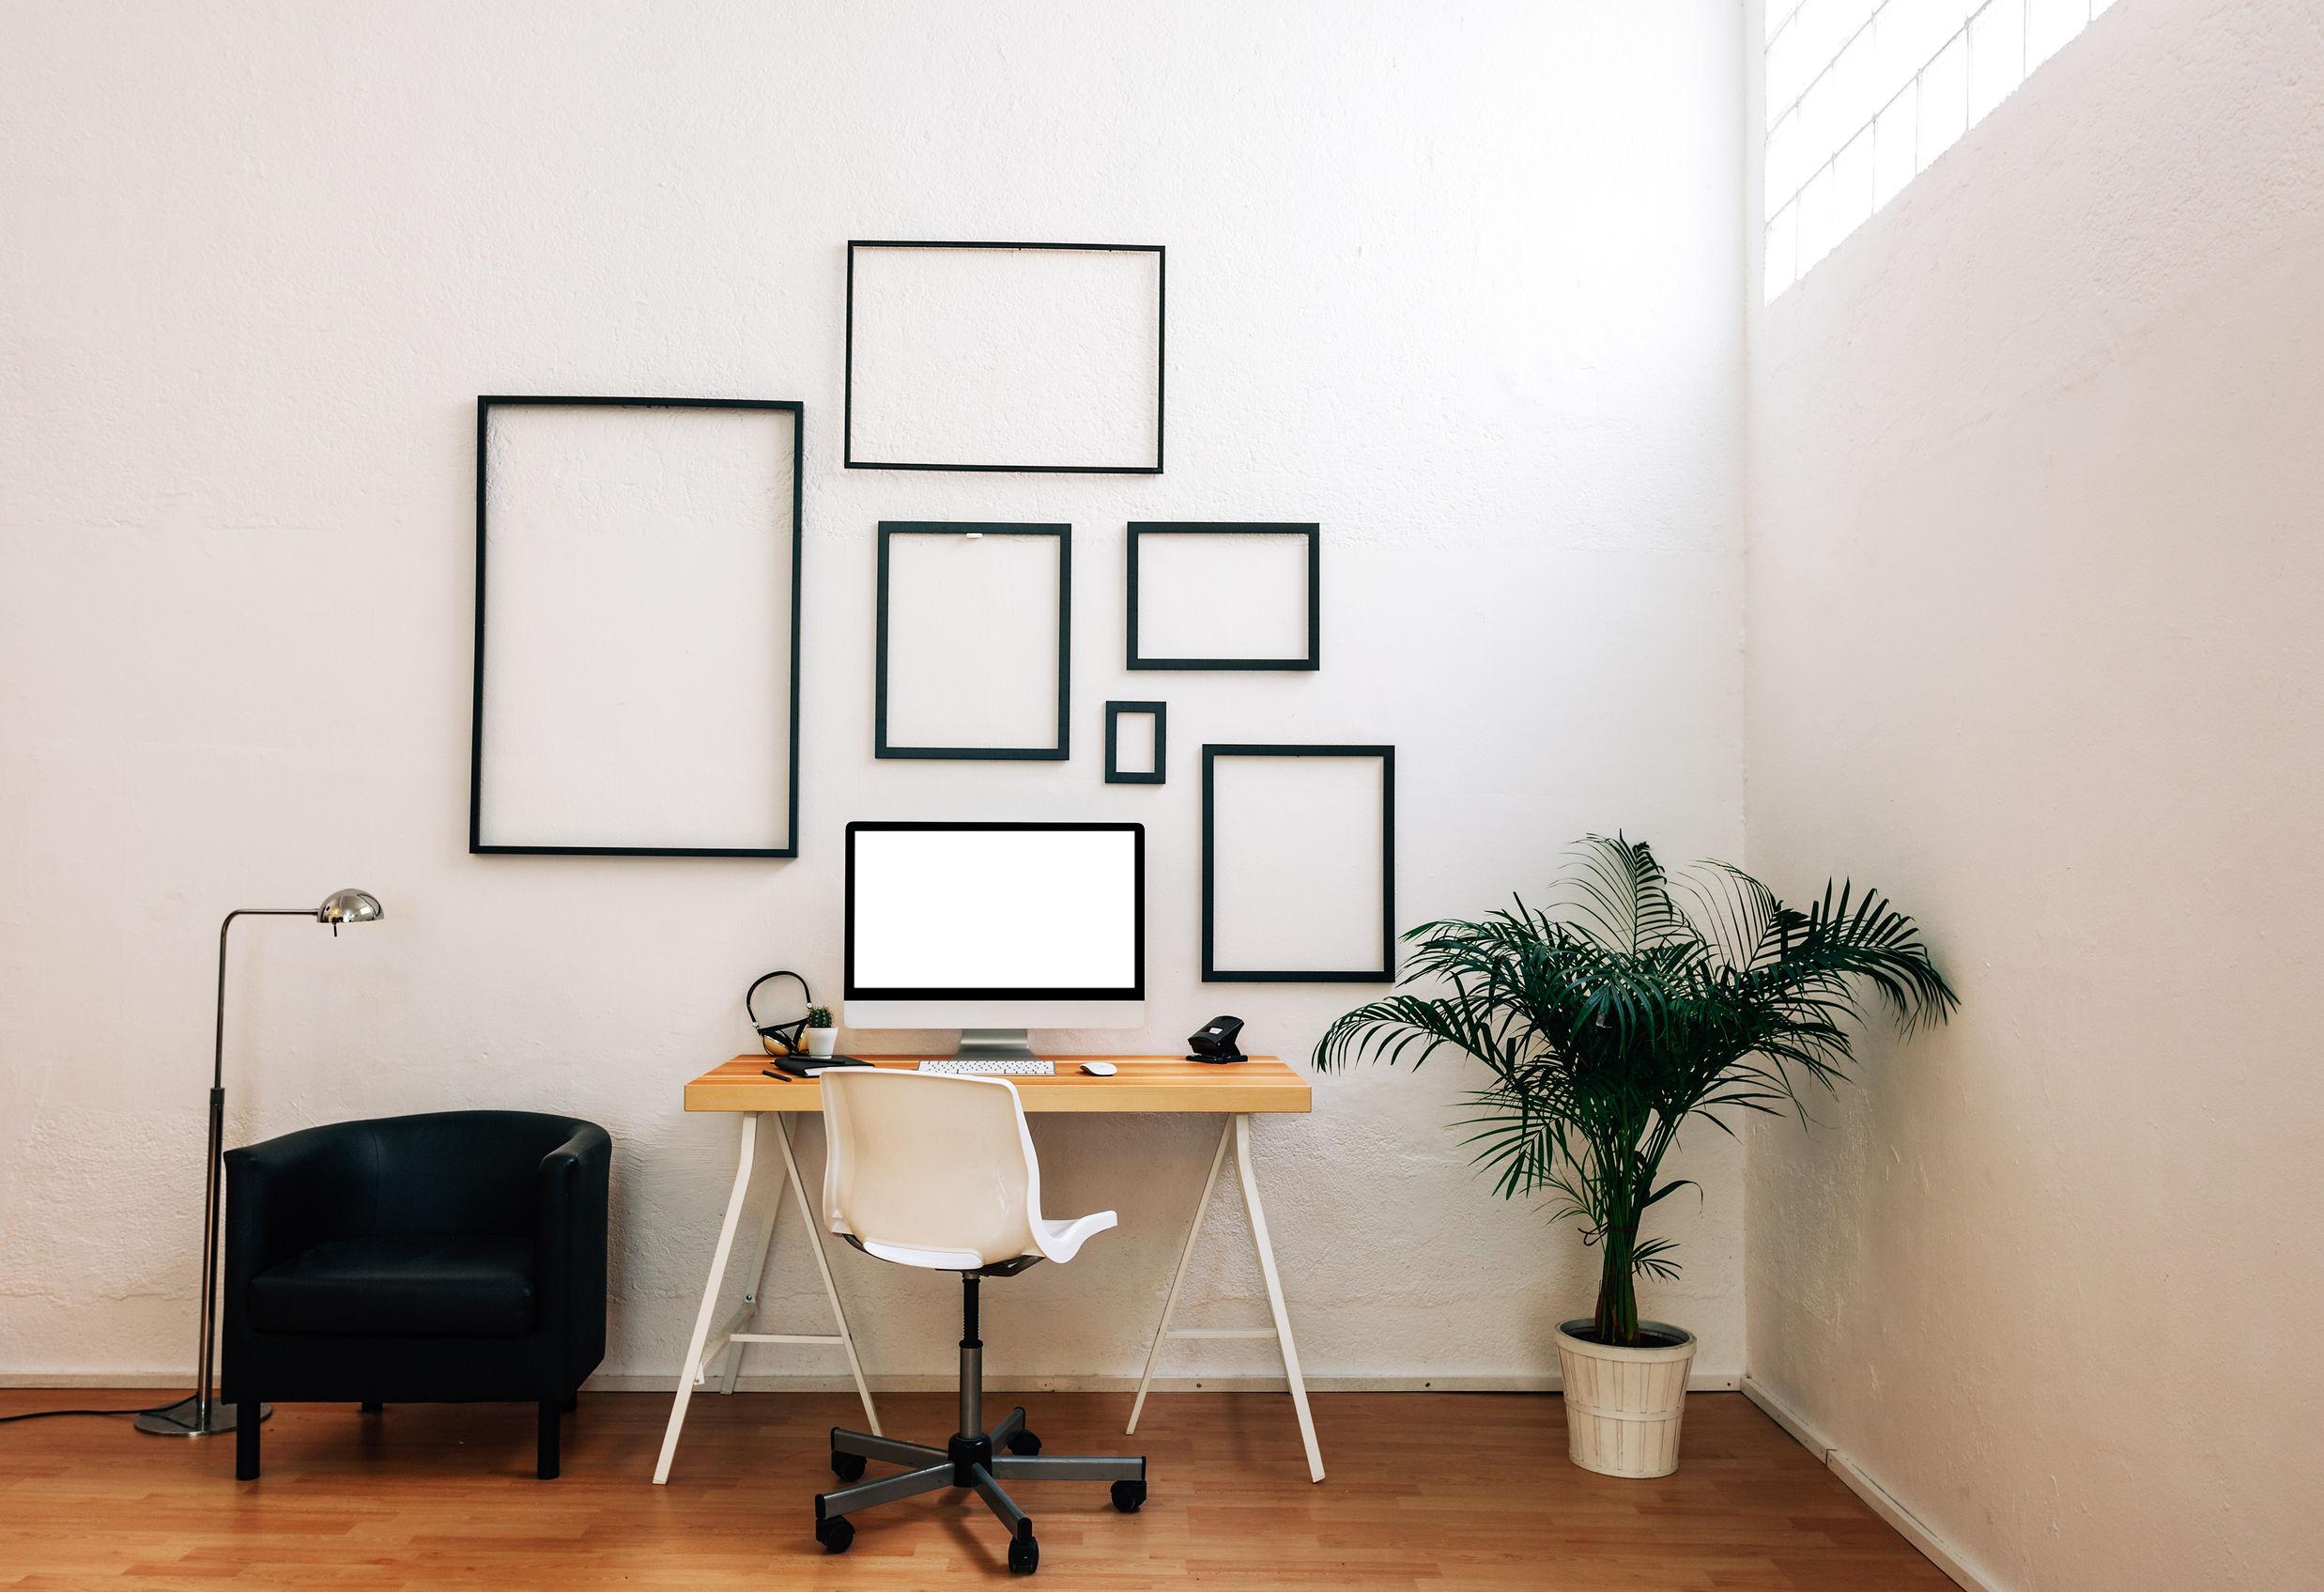 Cadeira de escritório: Qual é a melhor de 2021?